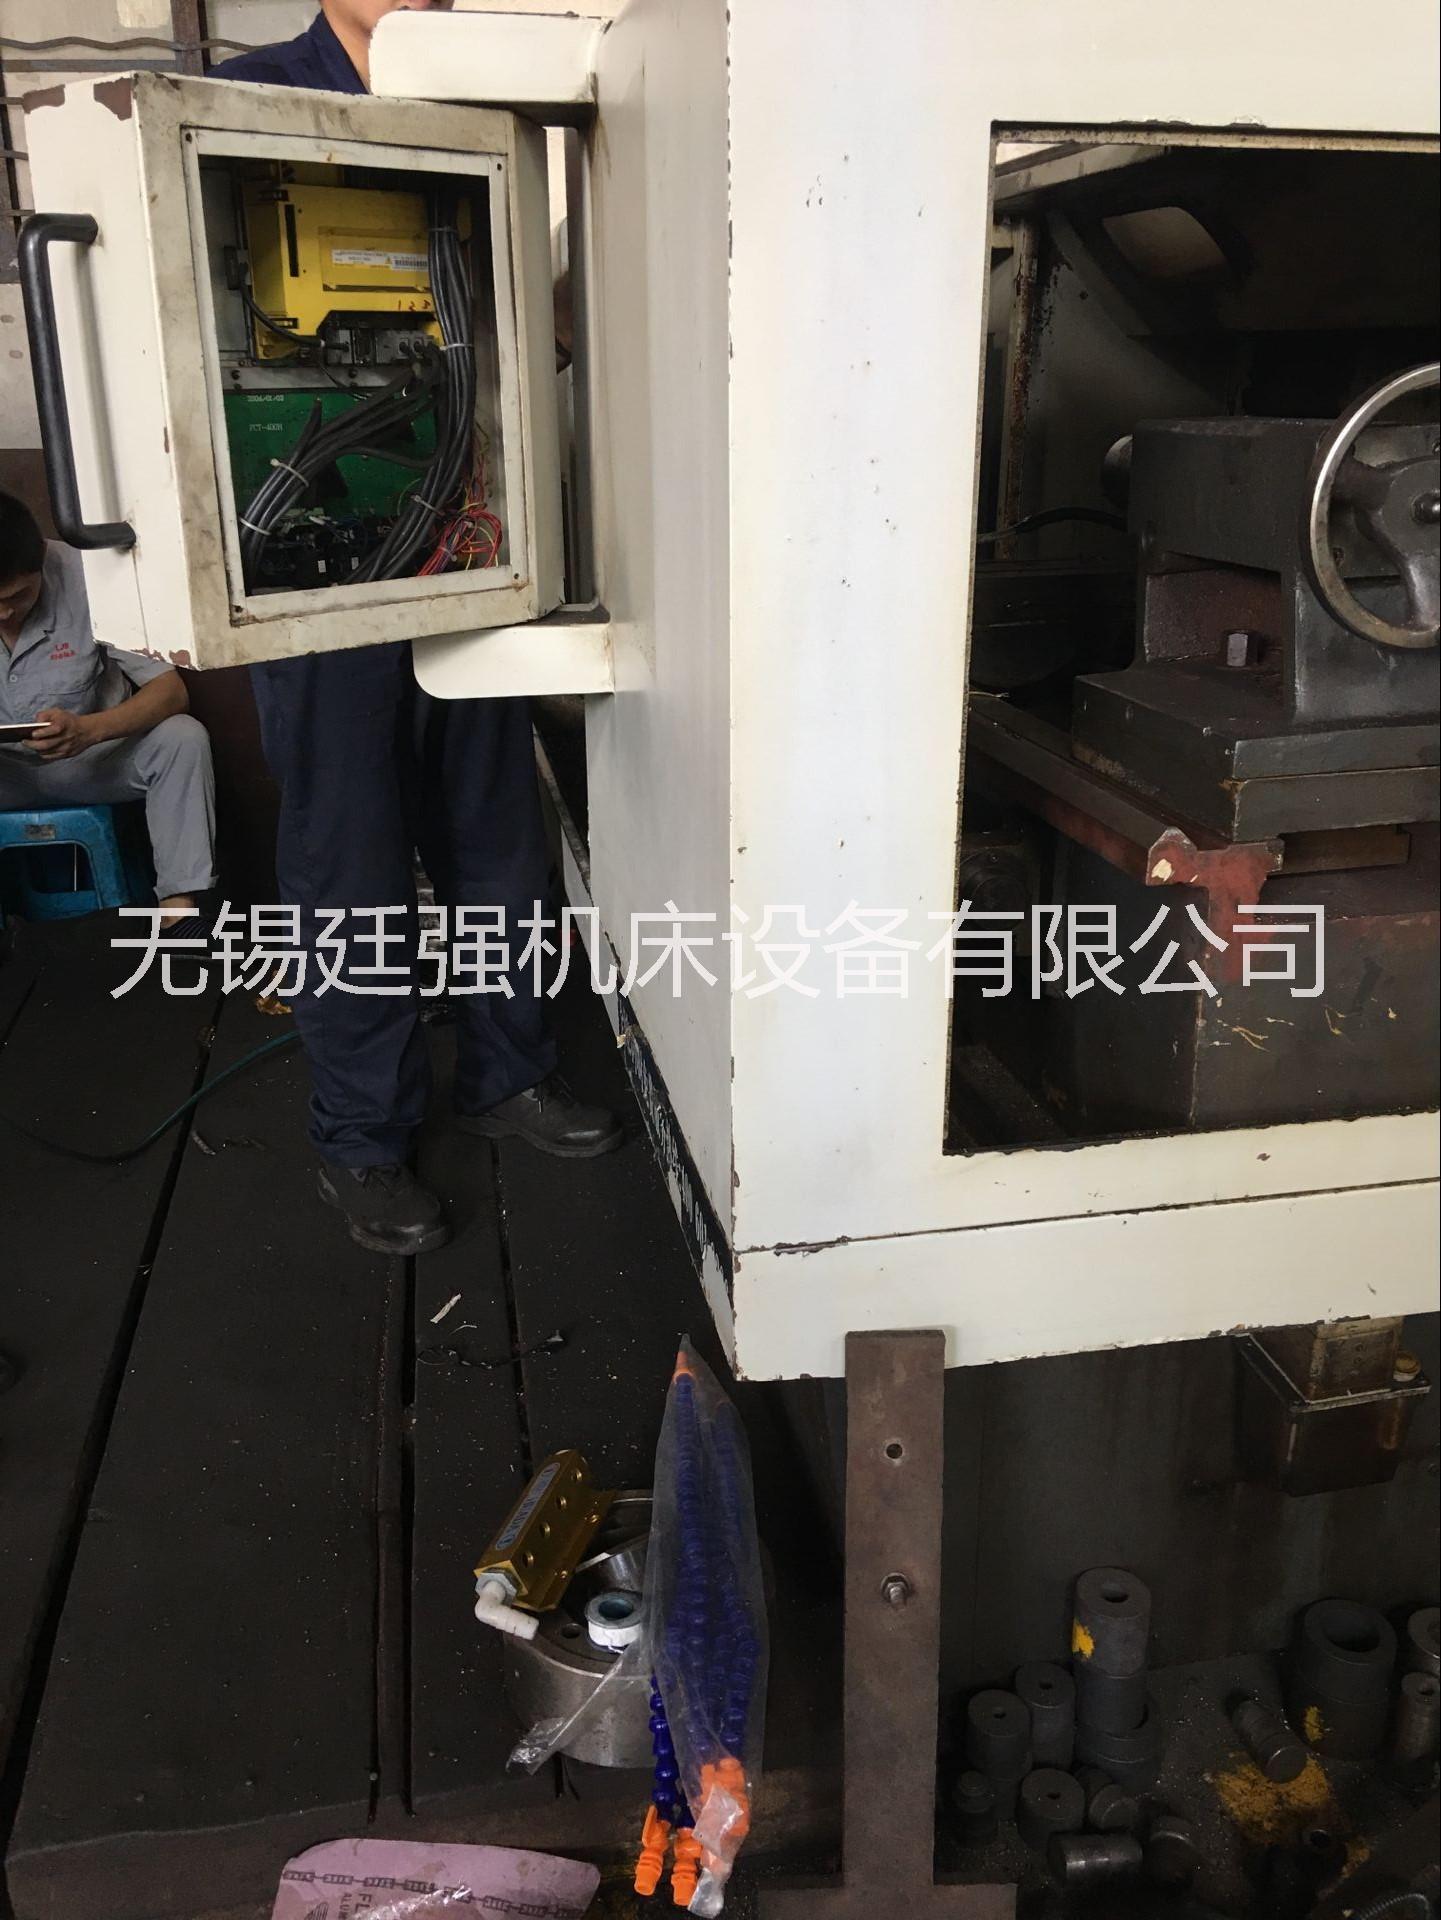 承接数控车床维修无锡专业机床维修